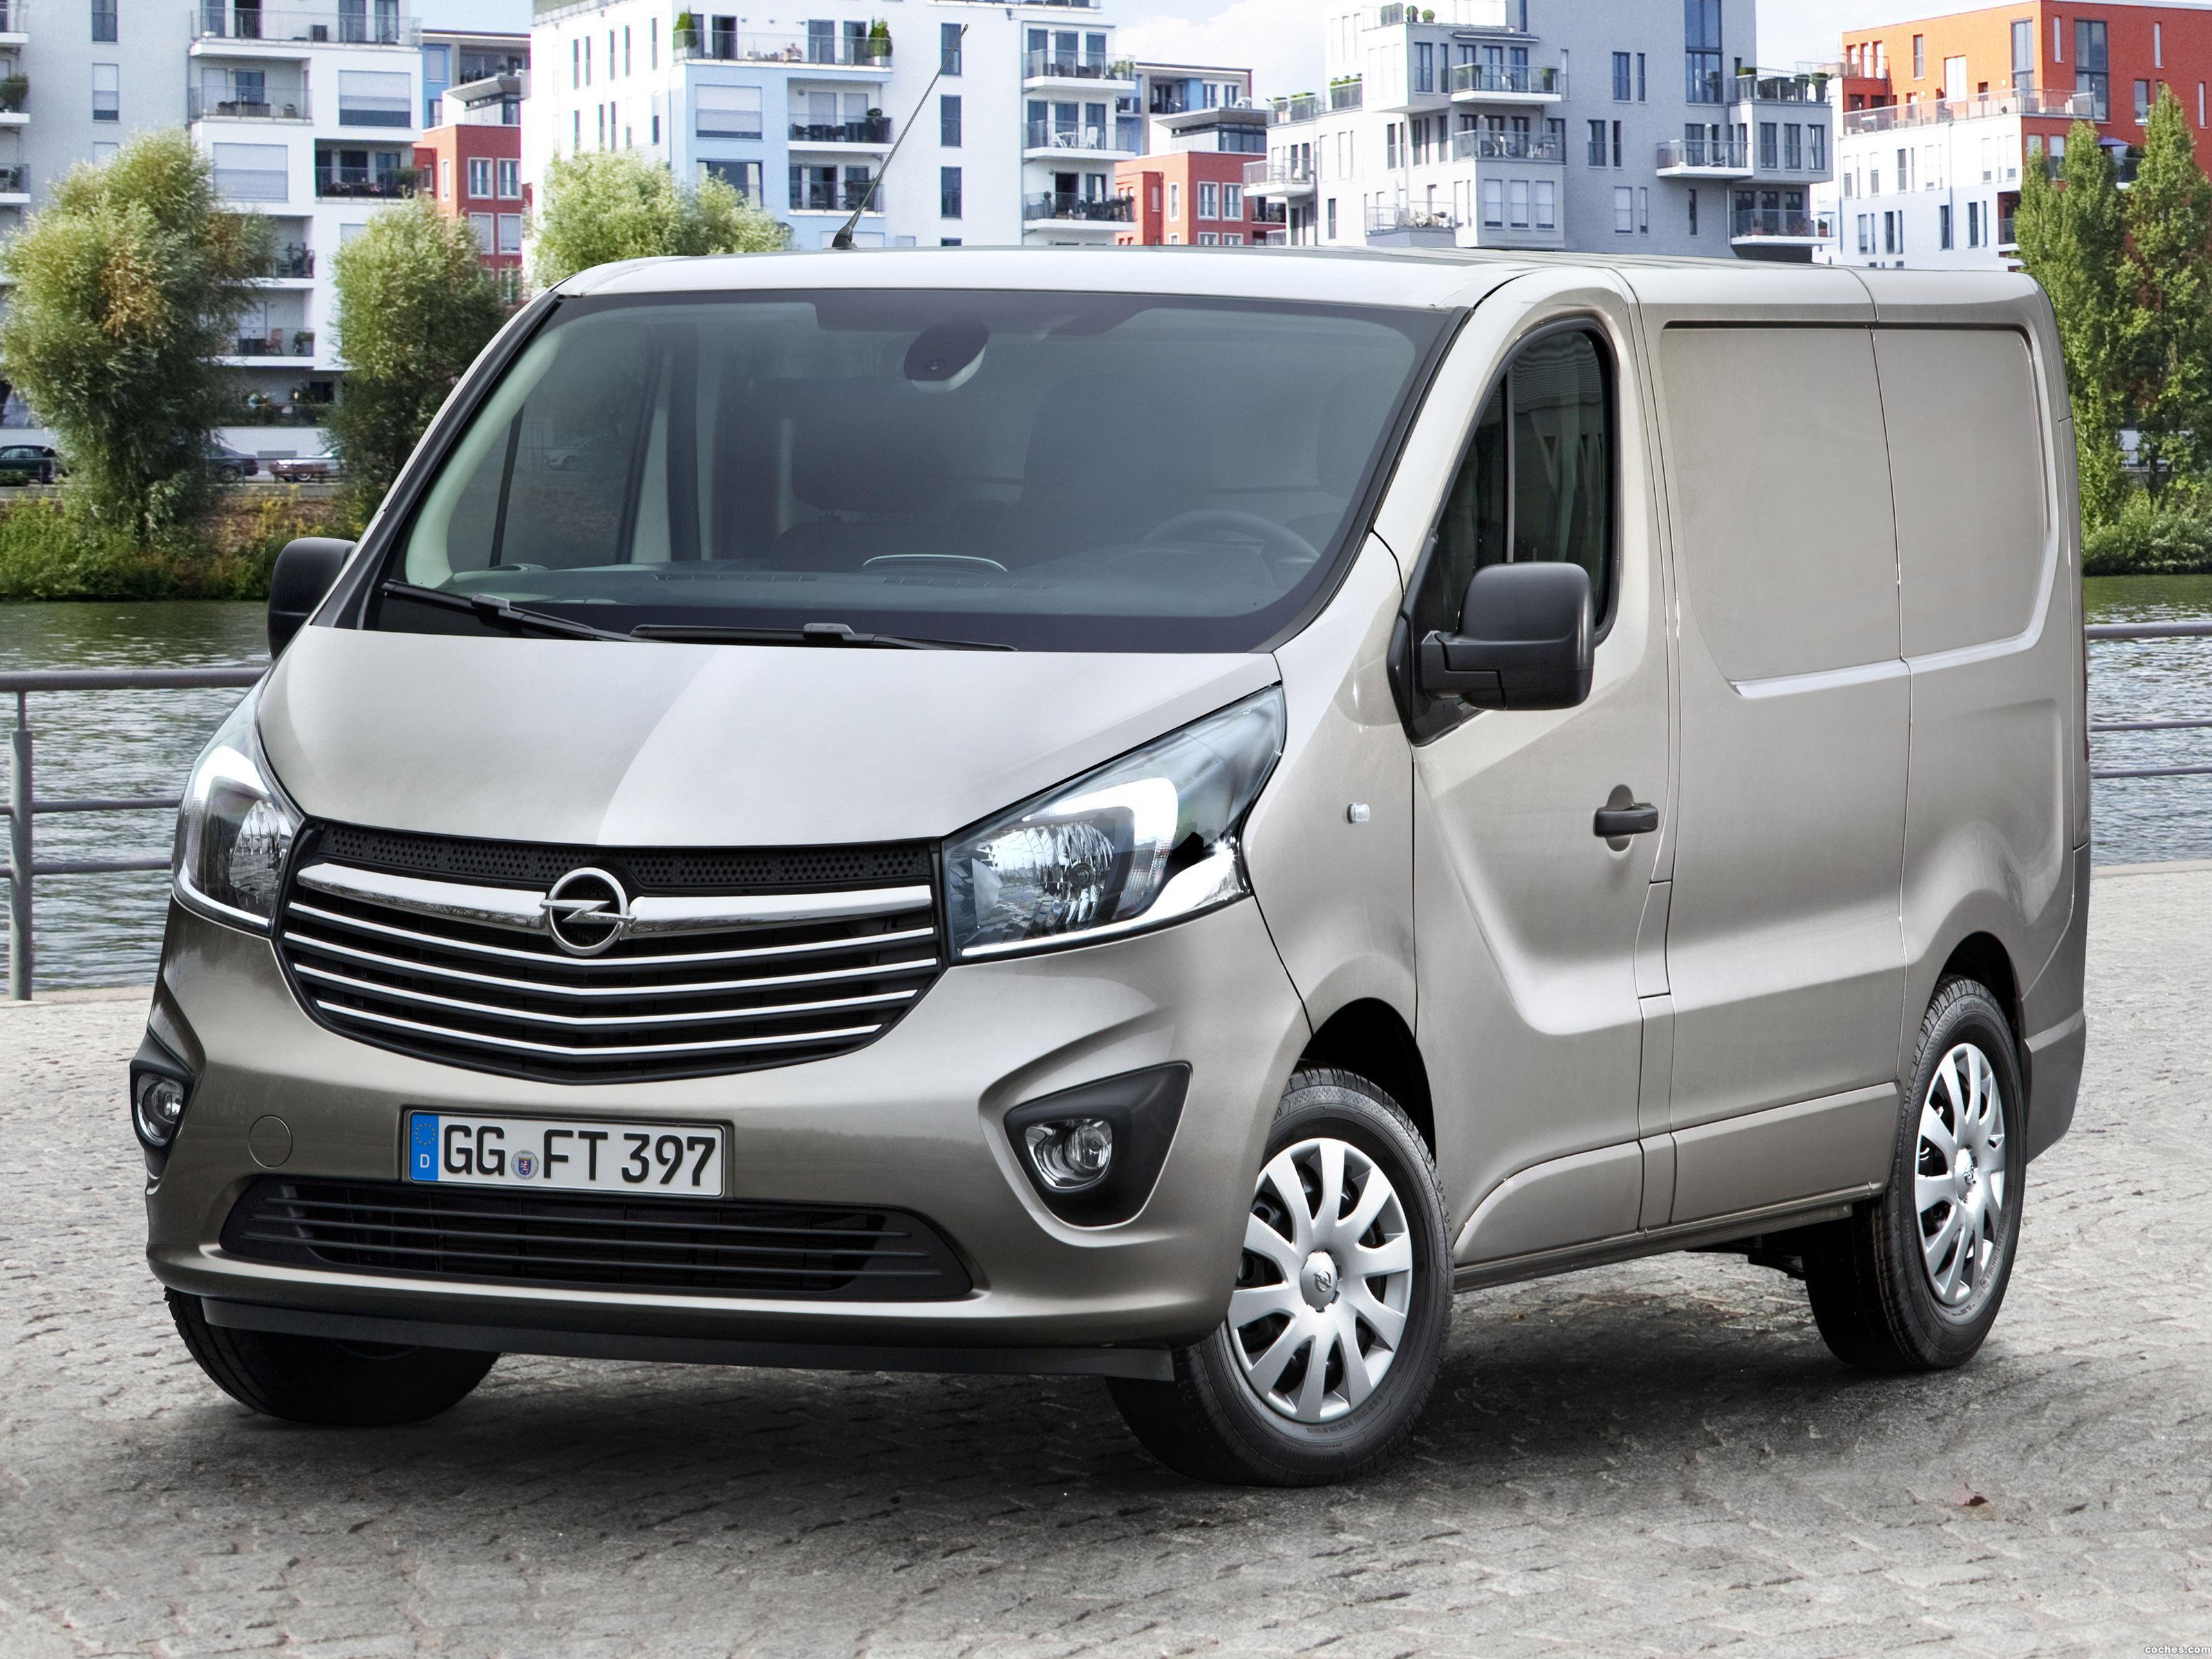 Foto 0 de Opel Vivaro 2014